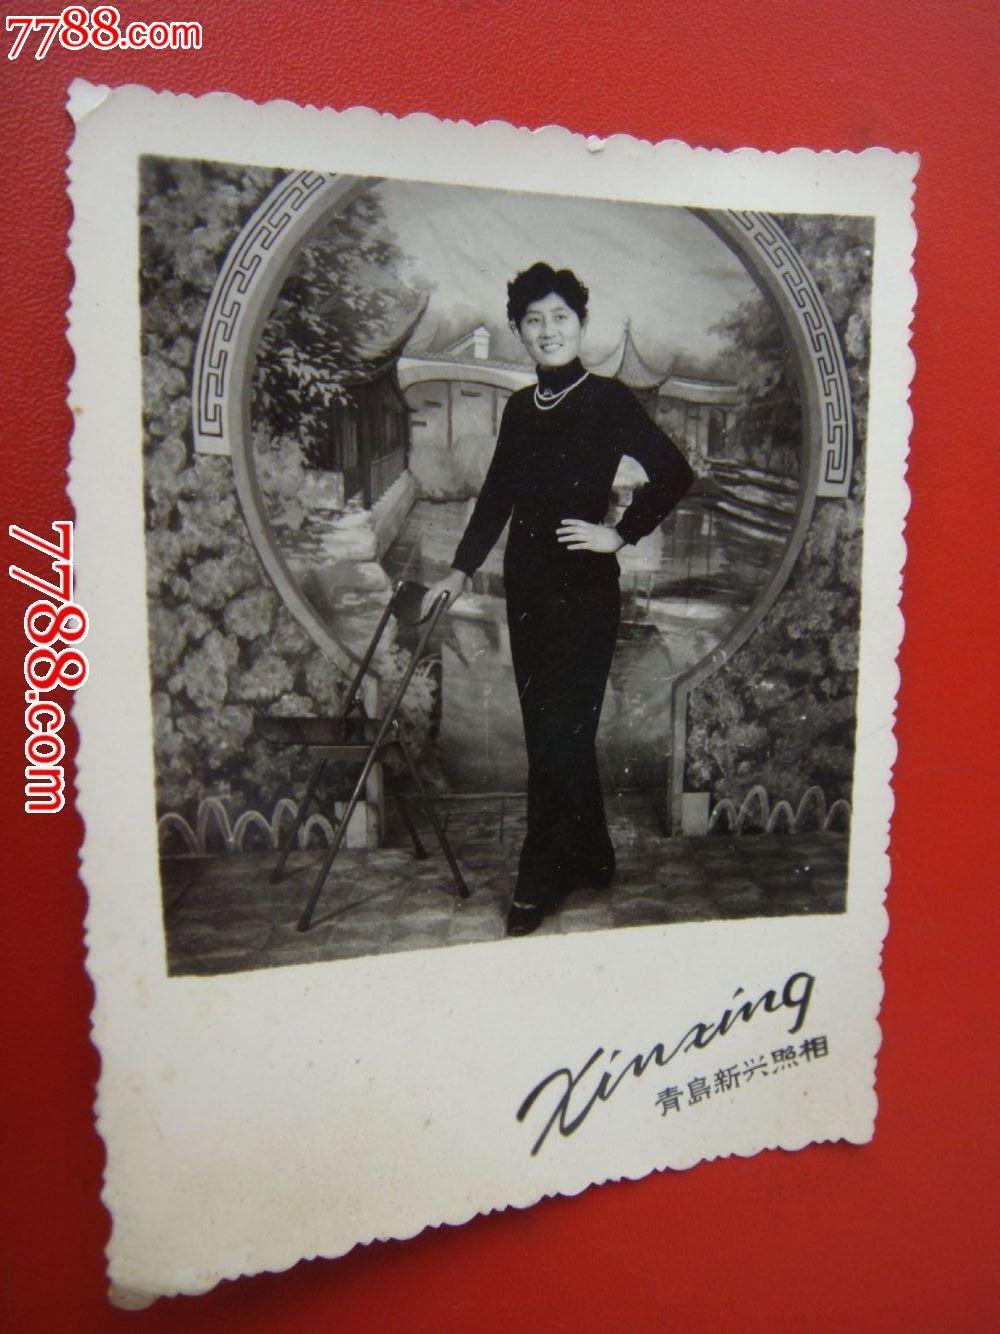 七十年代末,青岛新兴照相【喇叭裤~美姐/窒内布景/全身/黑白艺术照】